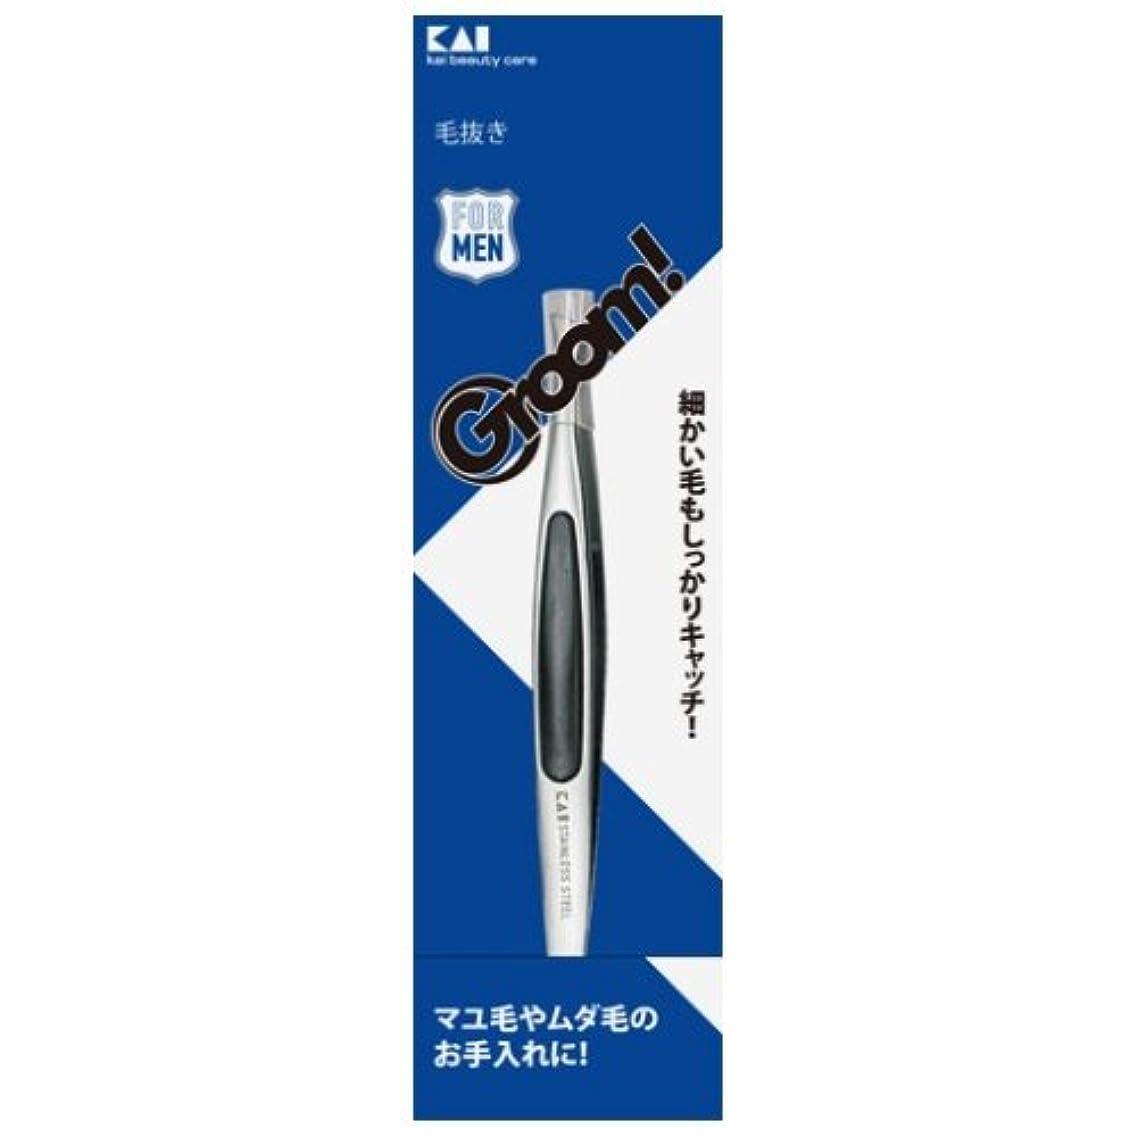 石のハウジング矢印グルーム(Groom!) 毛抜き HC3021